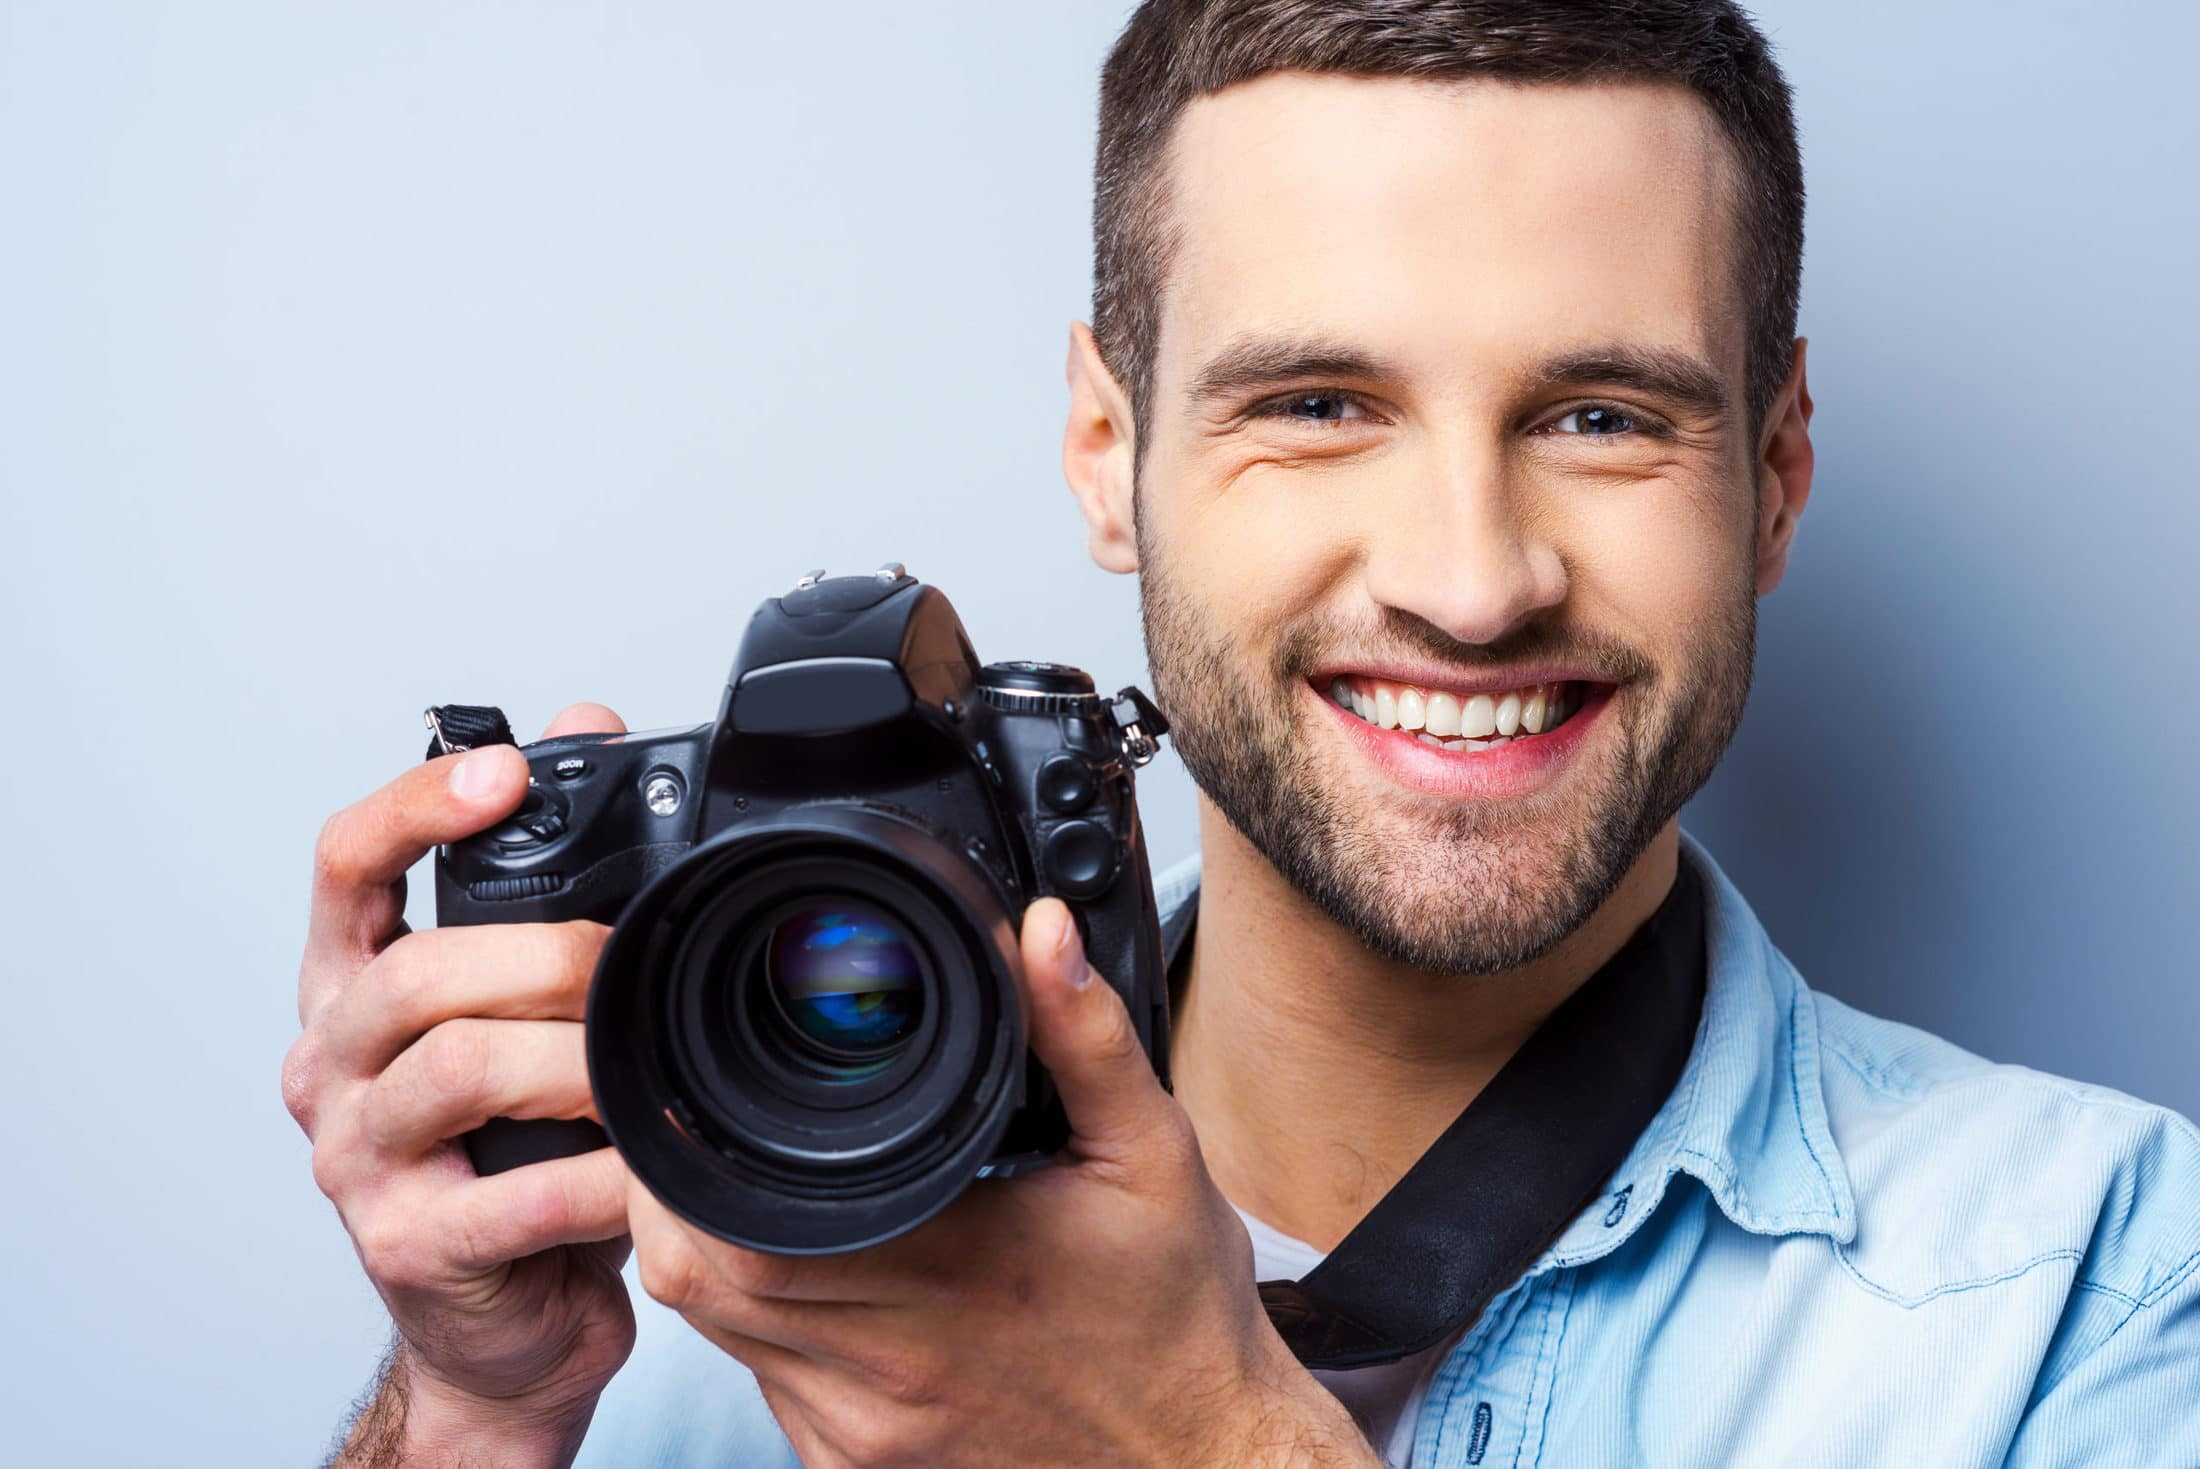 smile to a camera QUDNL8V scaled